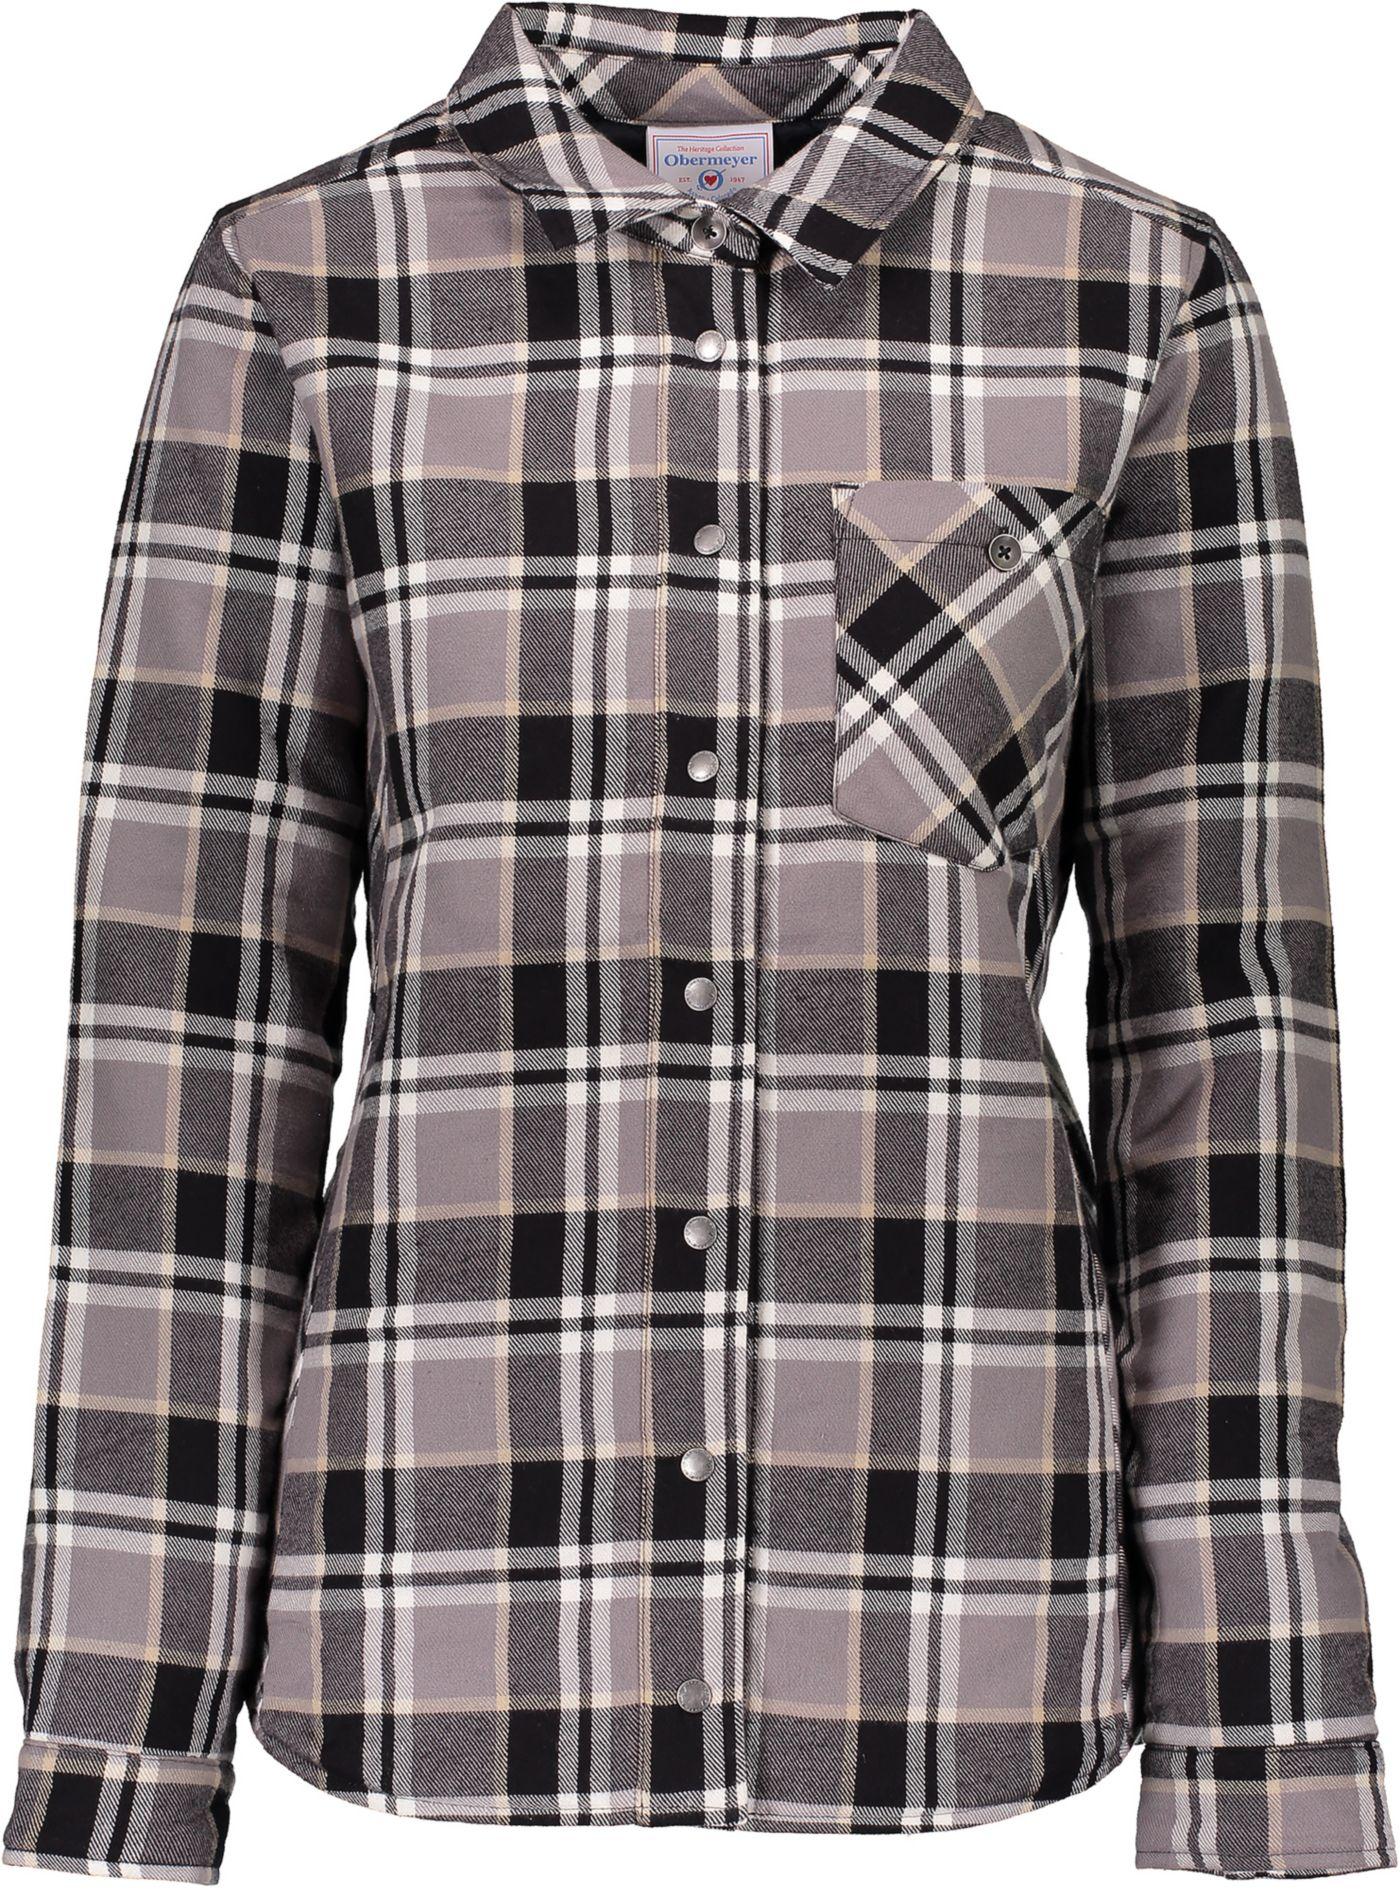 Obermeyer Women's Avery Flannel Shirt